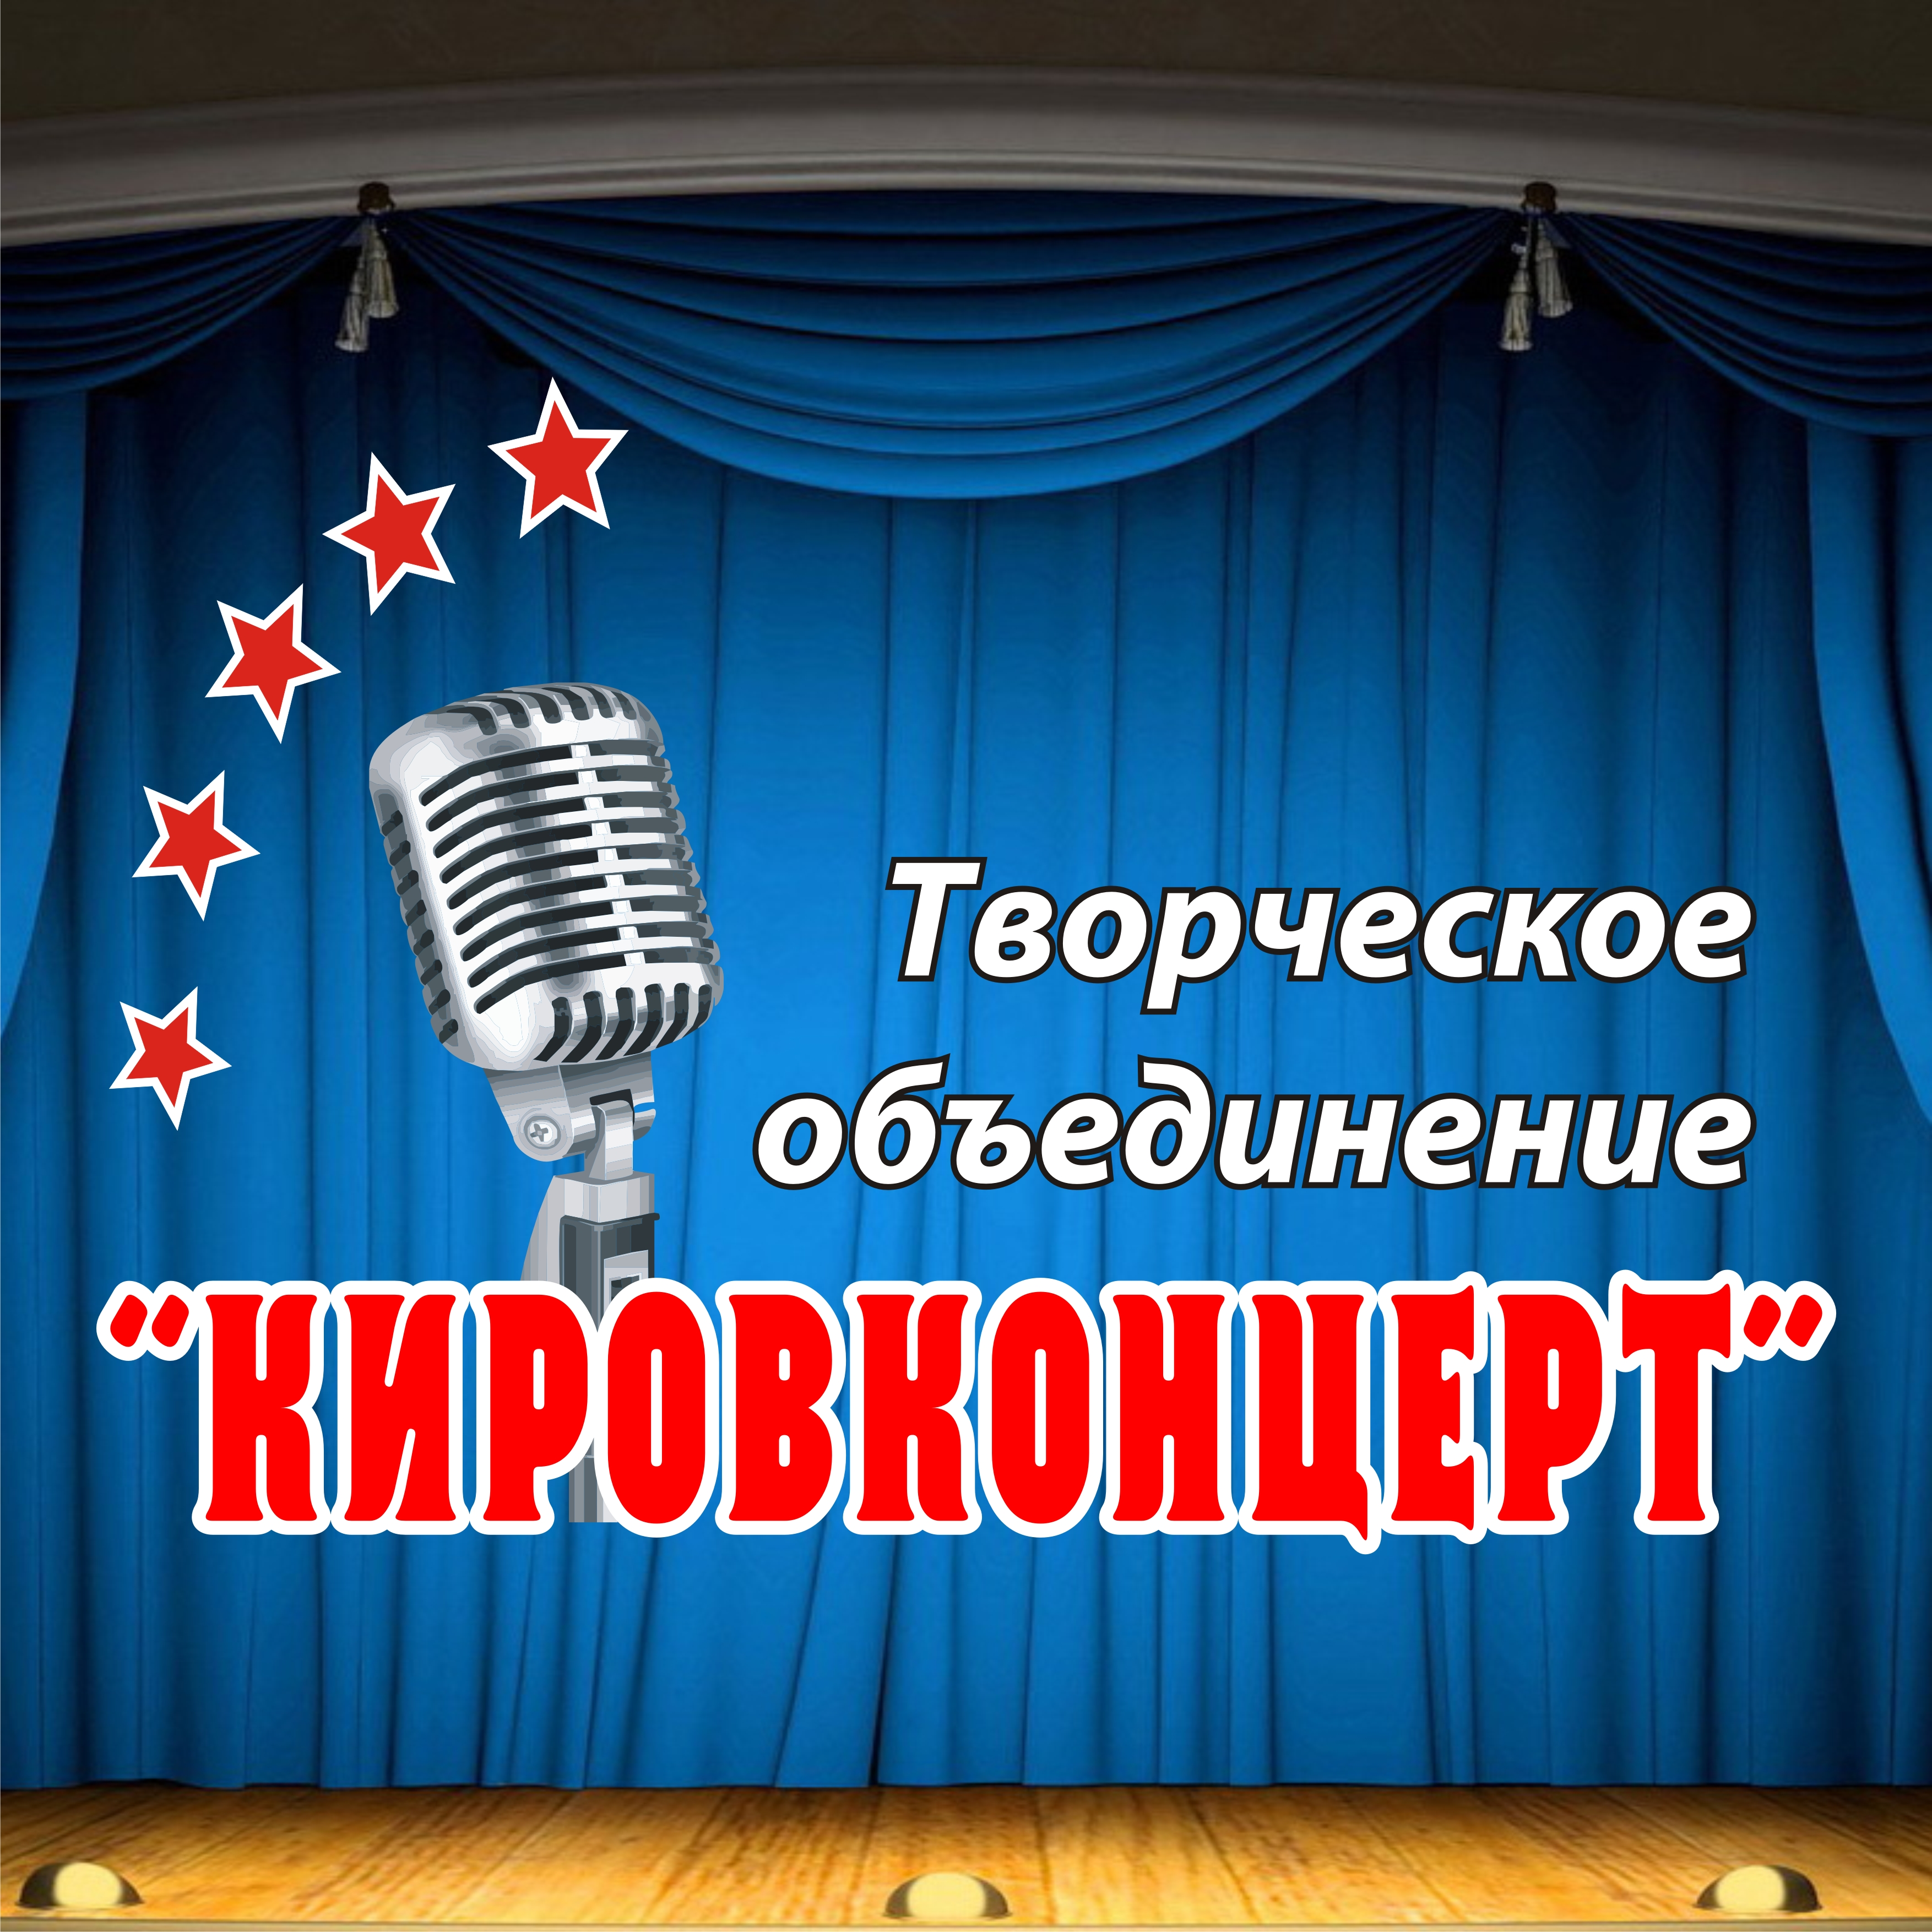 ТО Кировконцерт